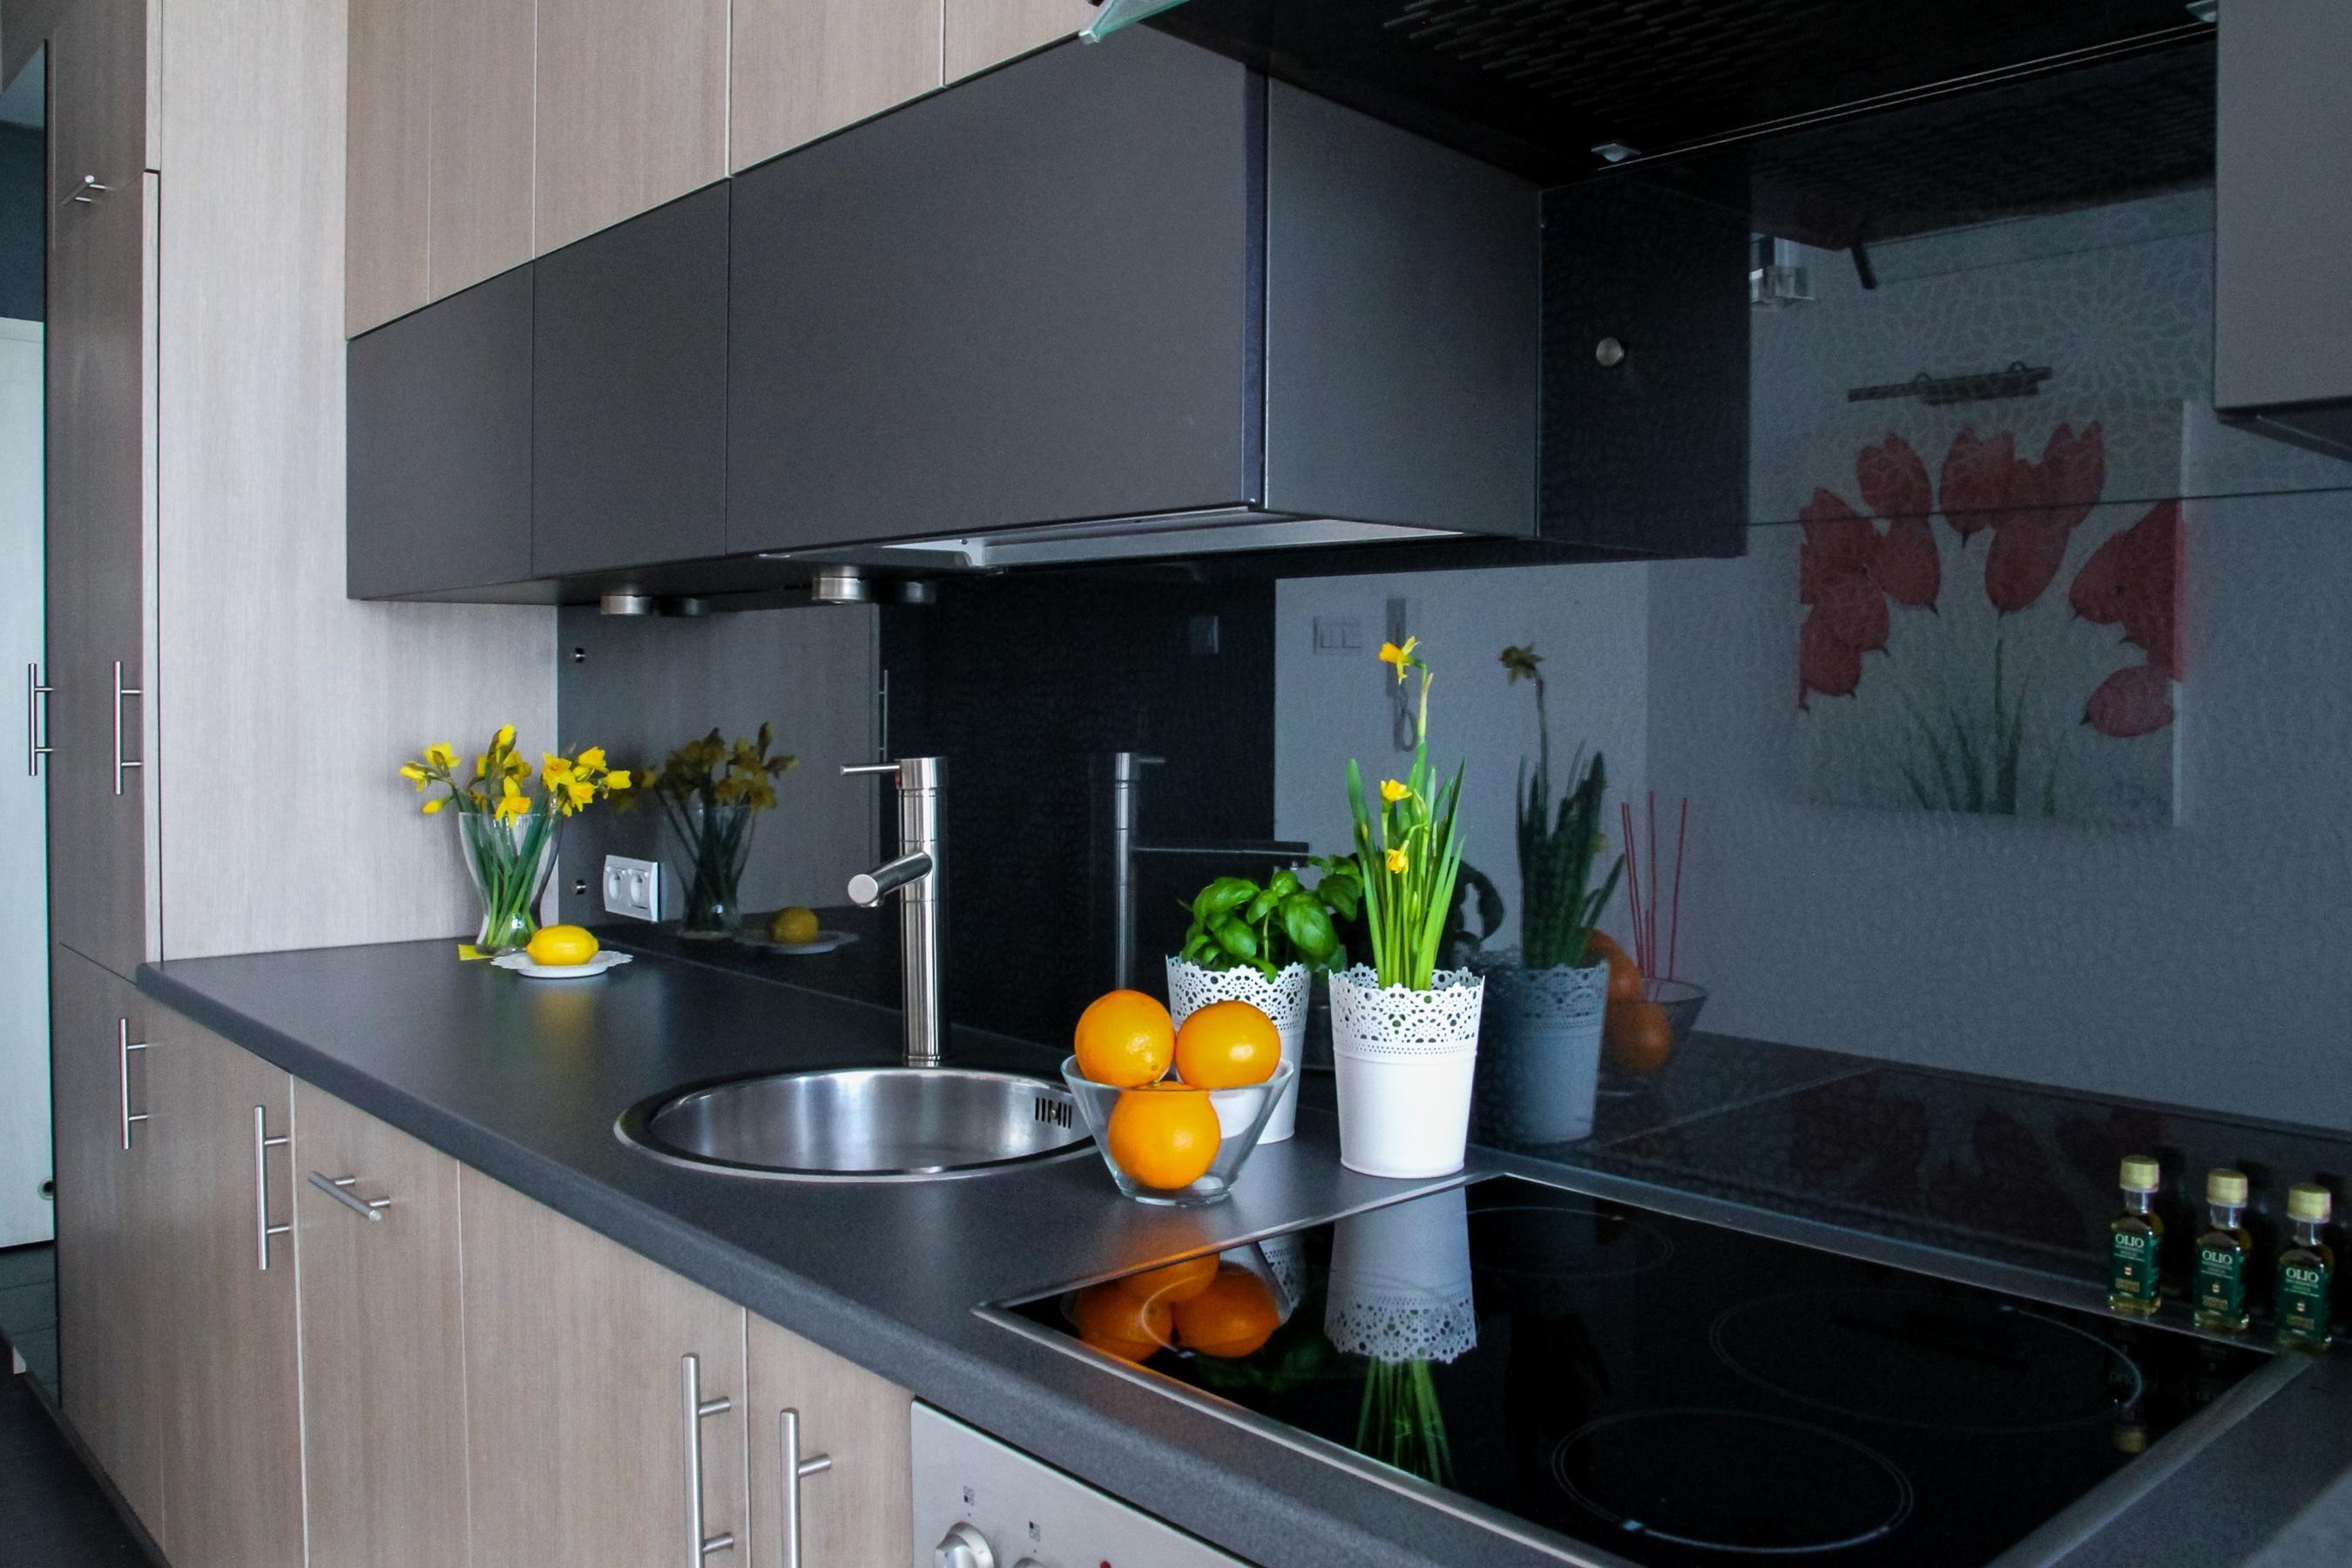 Miniküche Ohne Kühlschrank Gebraucht : Küche ohne herd und kühlschrank singleküchen mit backofen neu